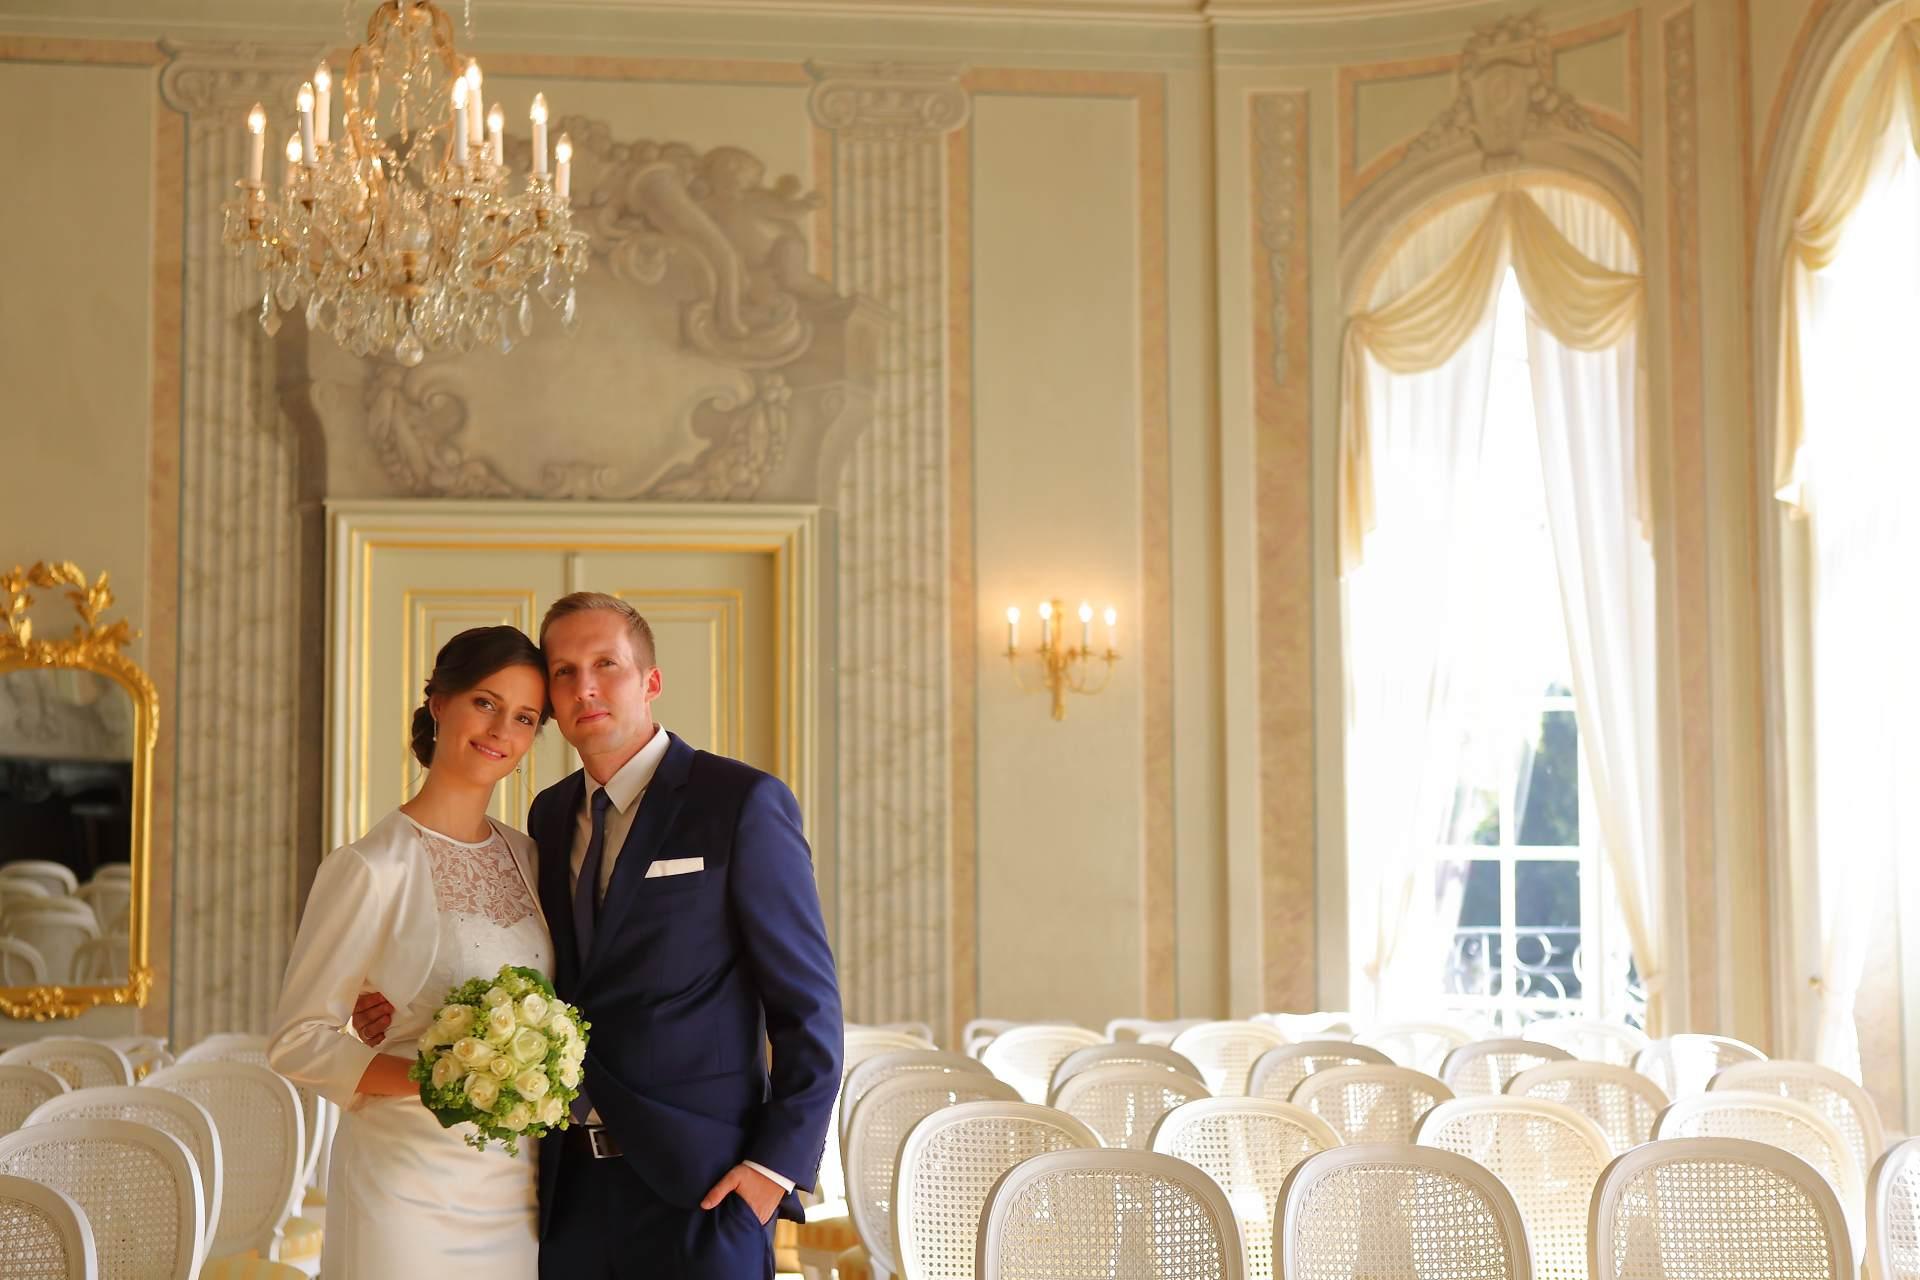 Hochzeitsfotos in Leipzig - Hochzeitspaar zwischen den Stühlen